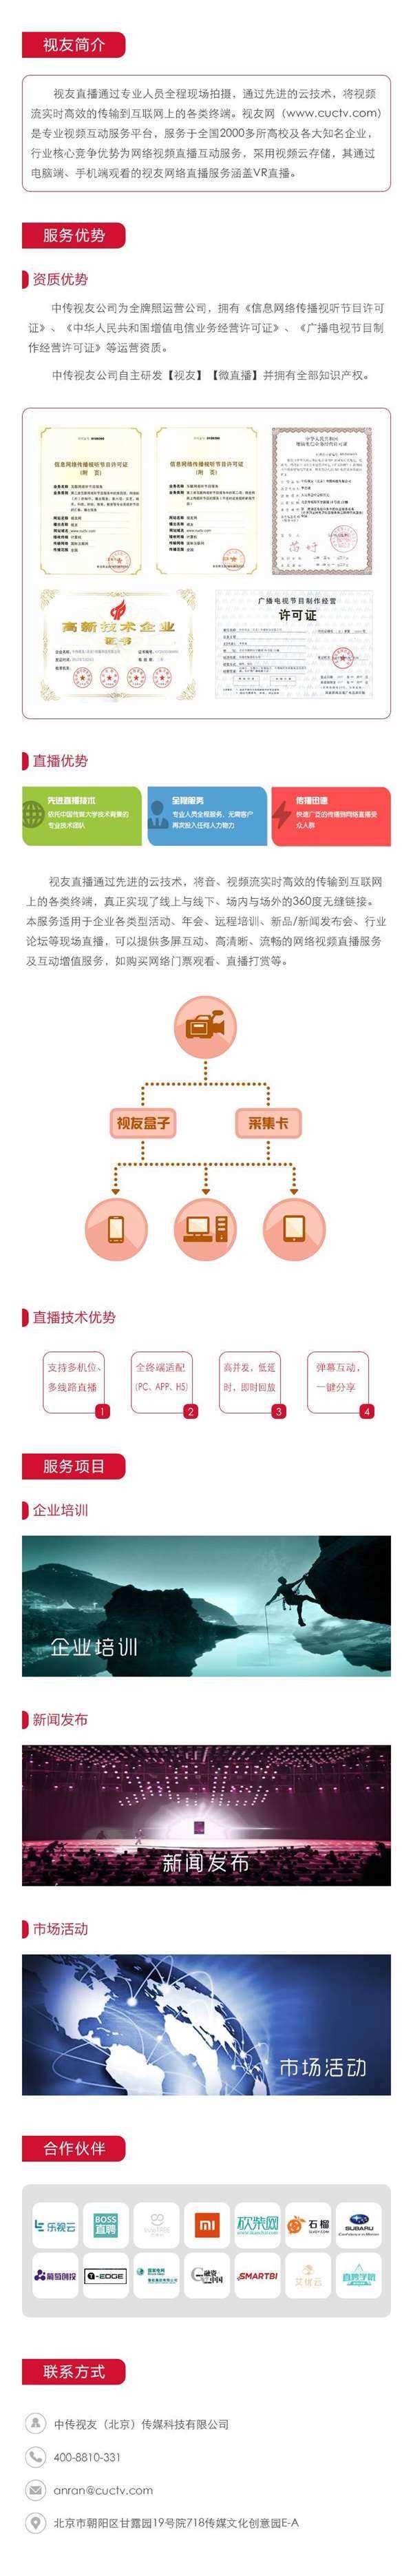 视友推广专题-750-改.jpg